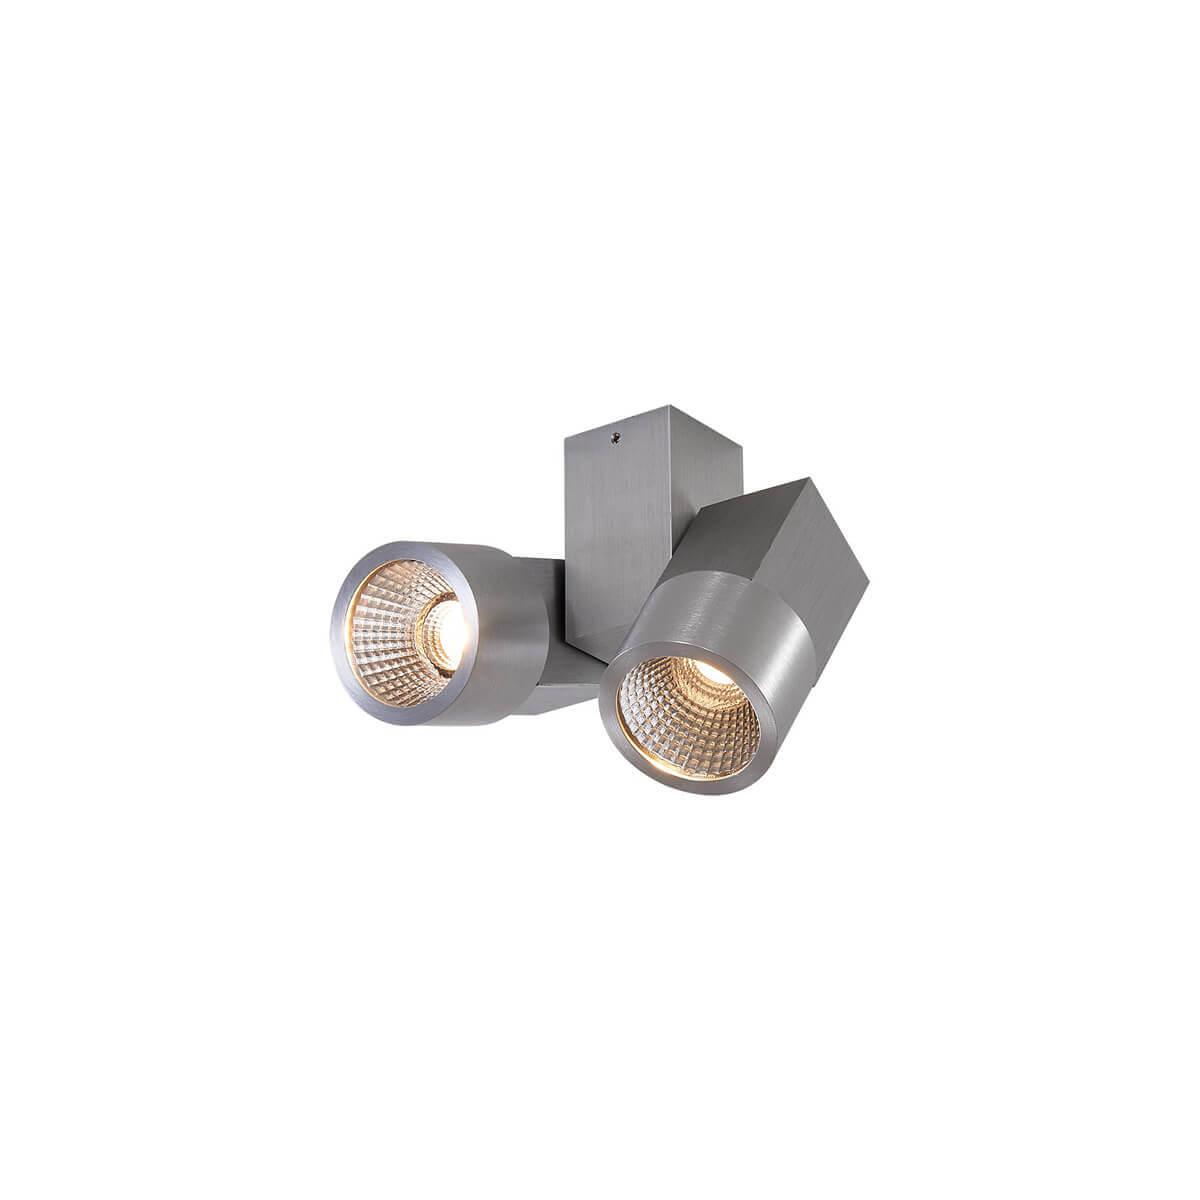 Светильник Citilux CL556101 Дубль потолочный светодиодный светильник citilux дубль cl556102